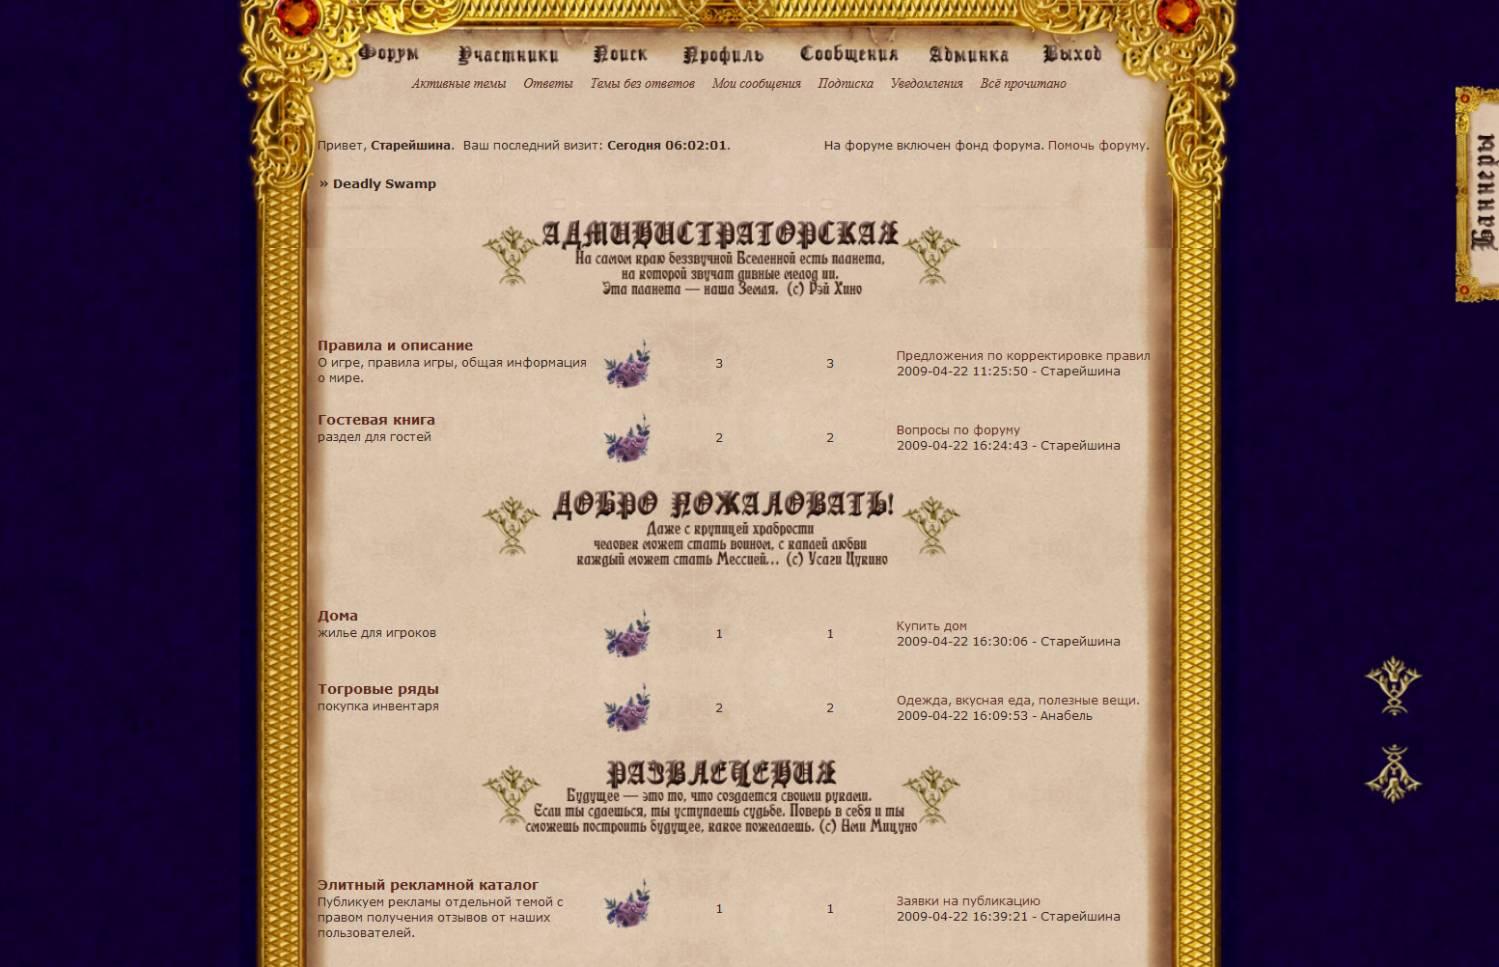 https://forumupload.ru/uploads/0007/e3/f7/6822/654165.jpg